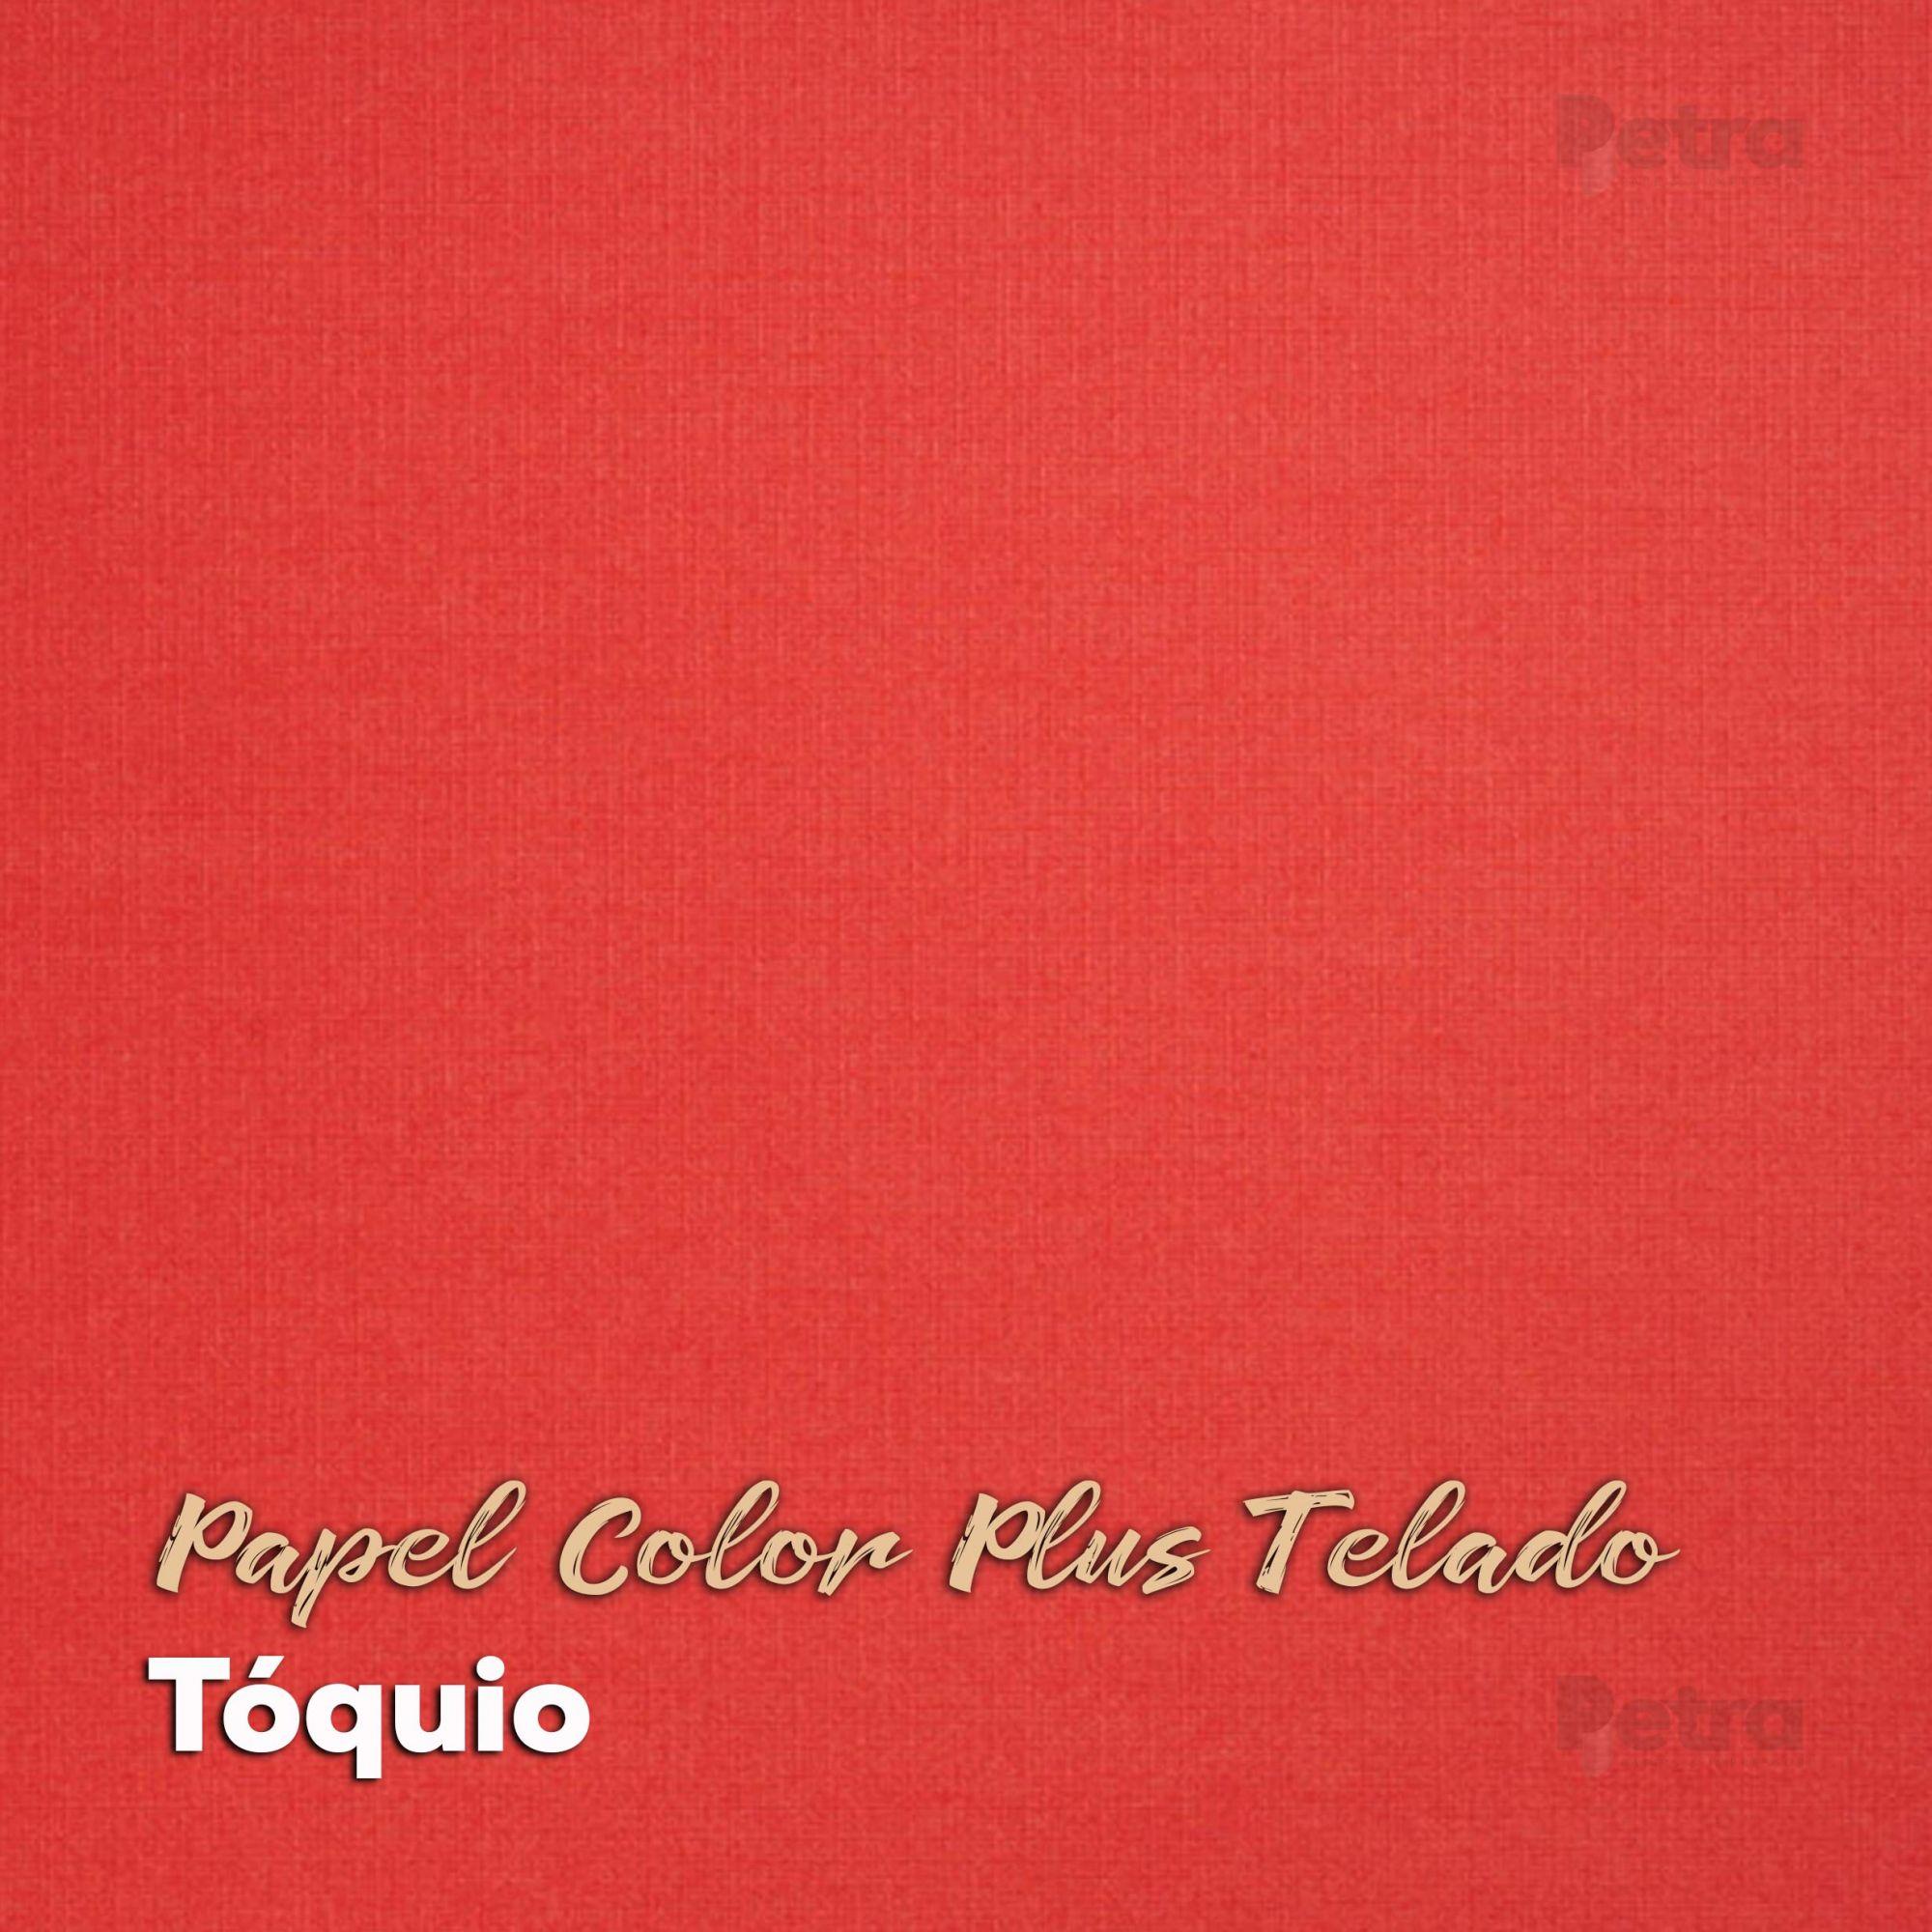 Papel Color Plus Tóquio Telado - Tam. A3 180g/m² - 20 Folhas